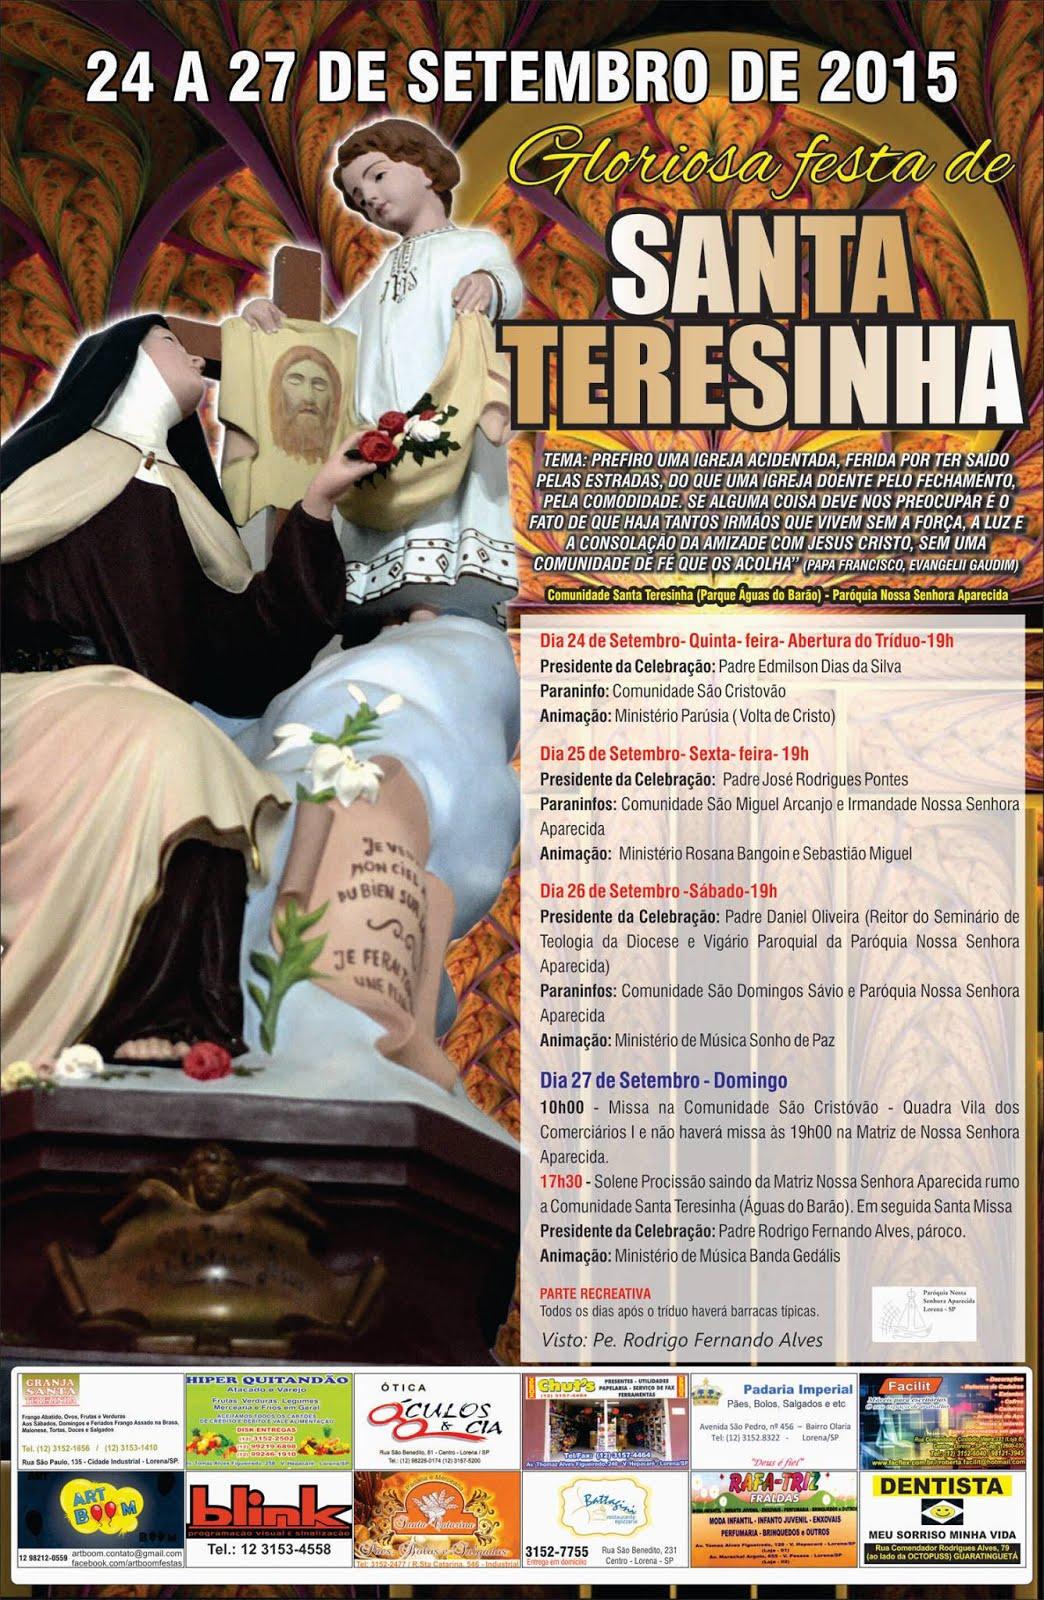 PROGRAMA DA FESTA DE SANTA TERESINHA